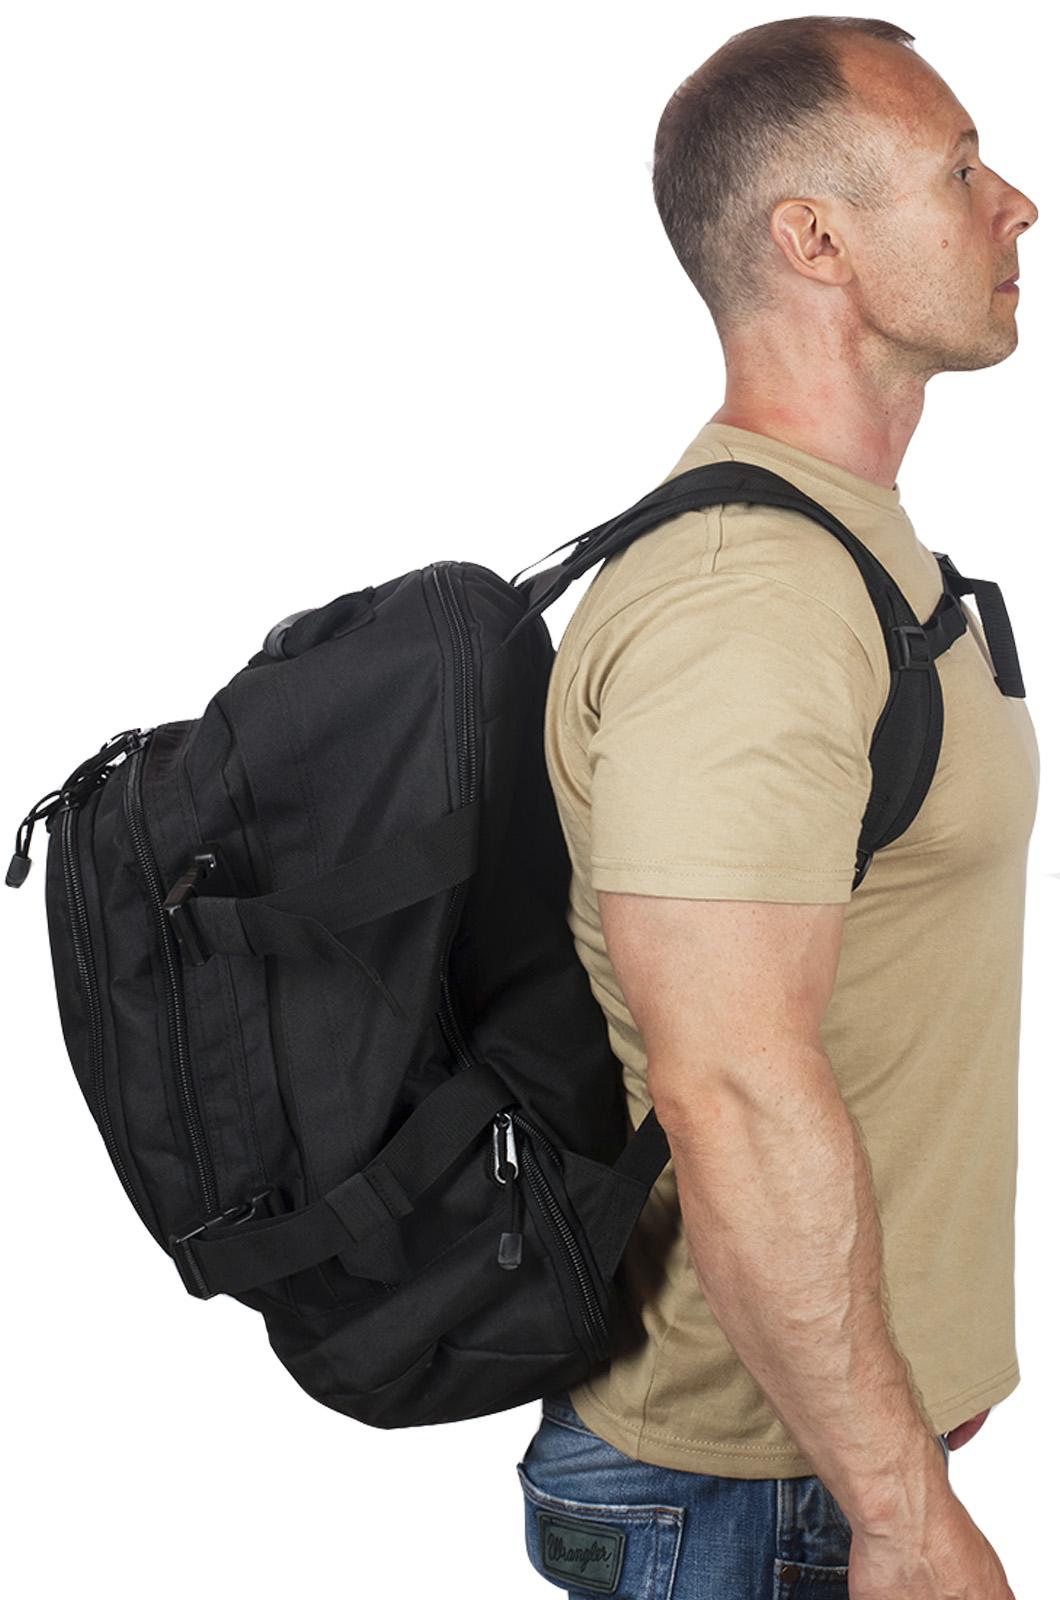 Практичный рюкзак с нашивкой МВД купить по сбалансированной цене